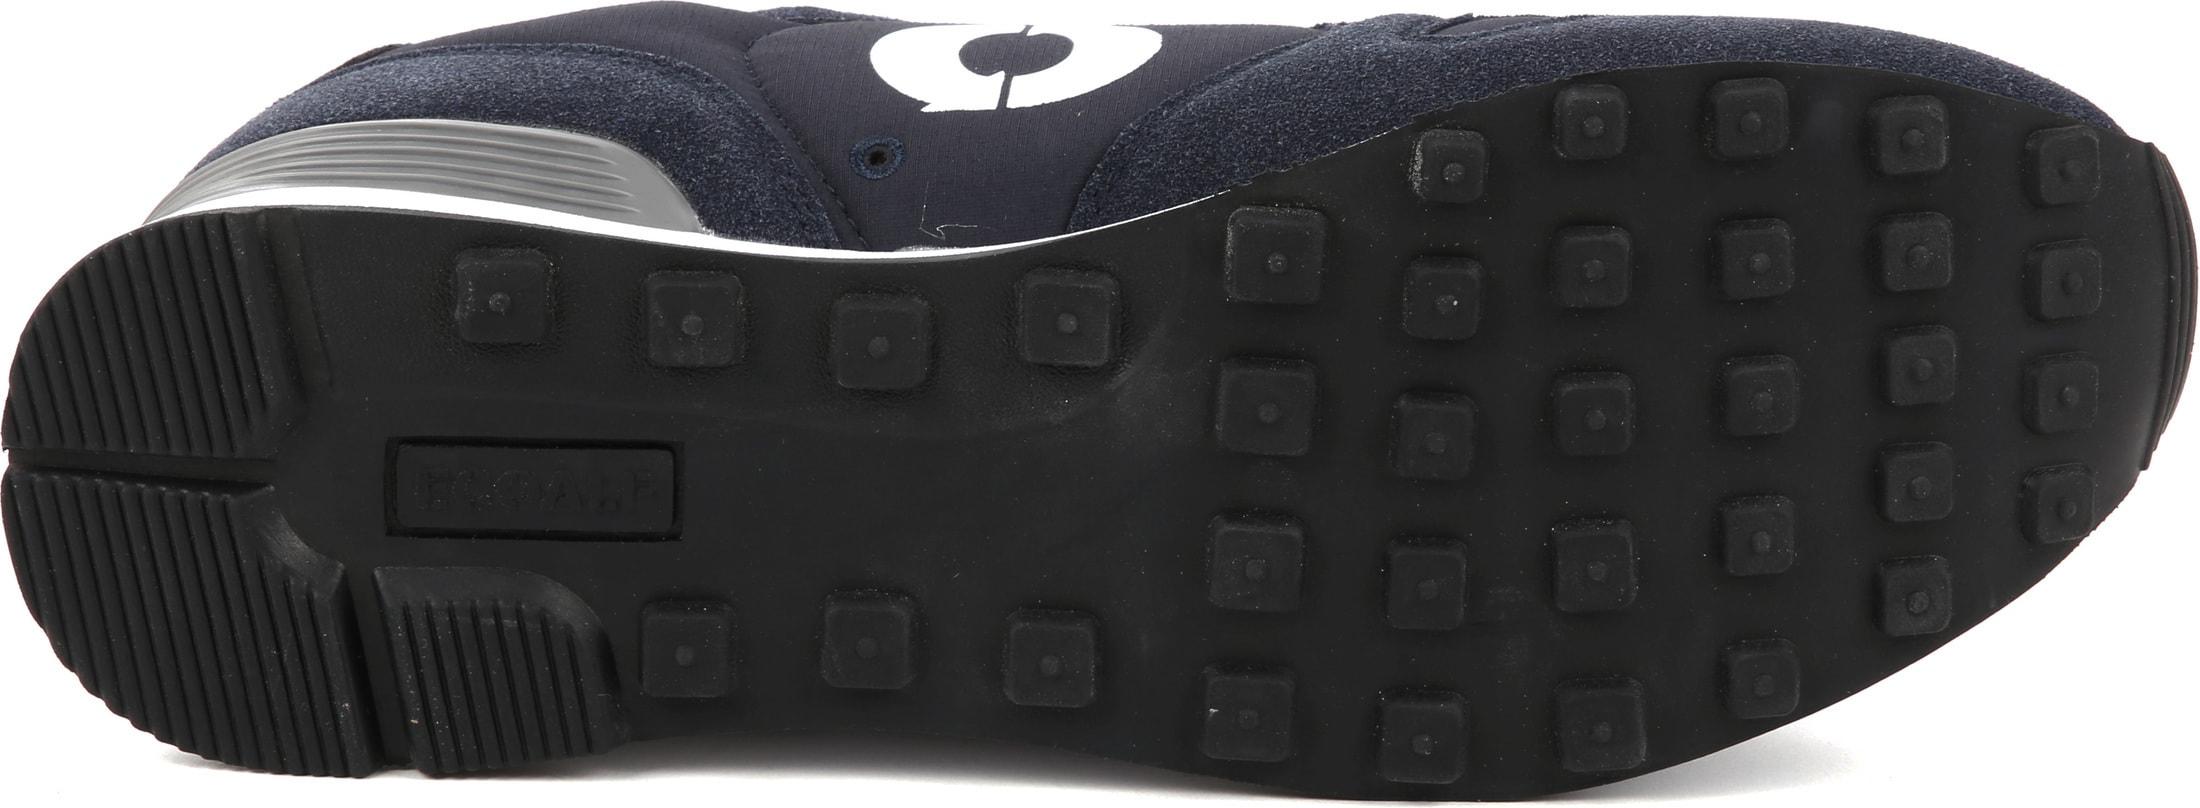 Ecoalf Sneaker Yale Navy foto 3